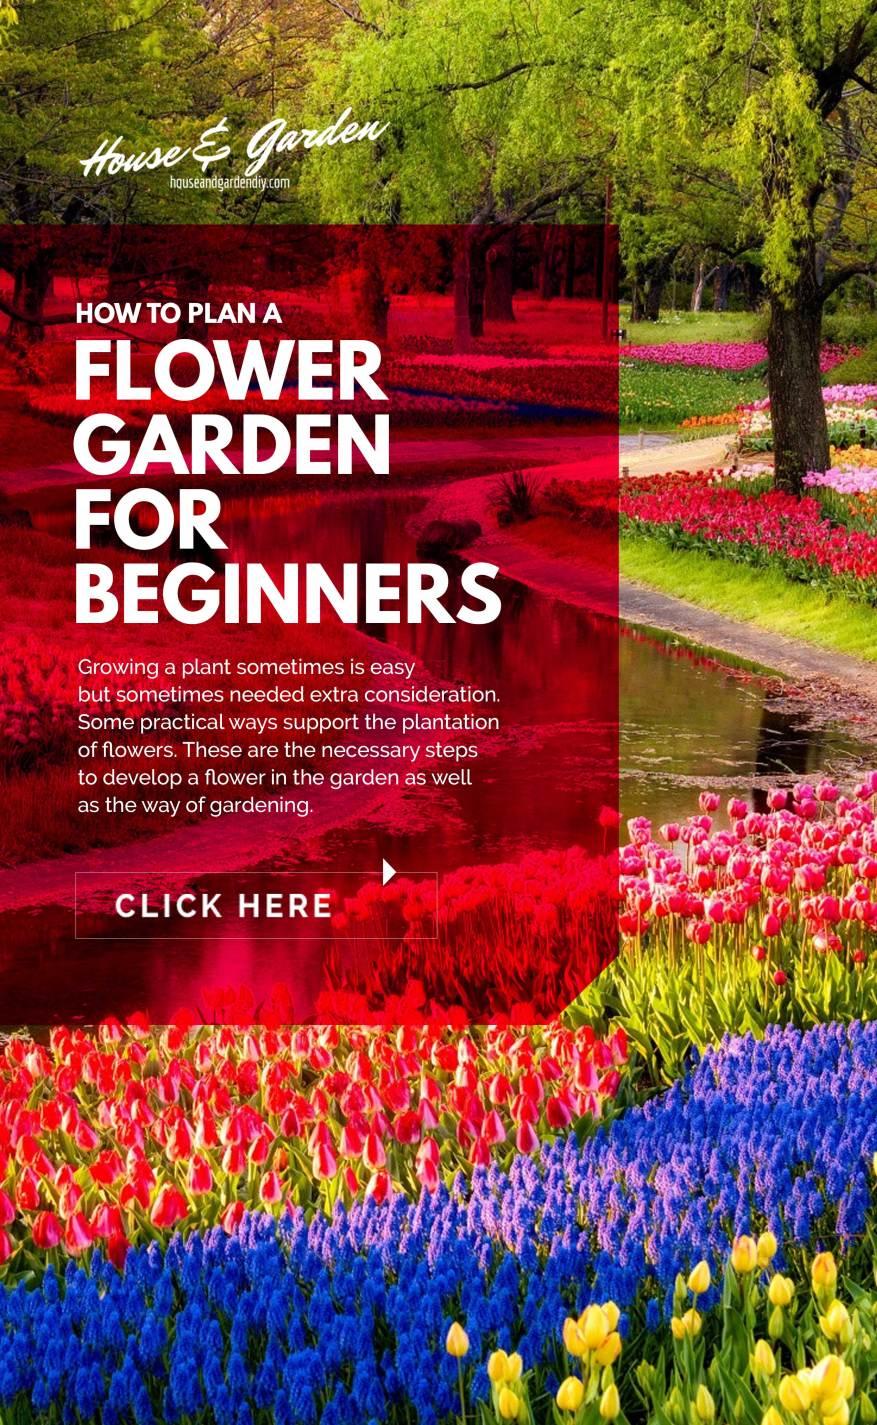 23 Outstanding Flower Garden Ideas 2019 How To Plan For Beginner